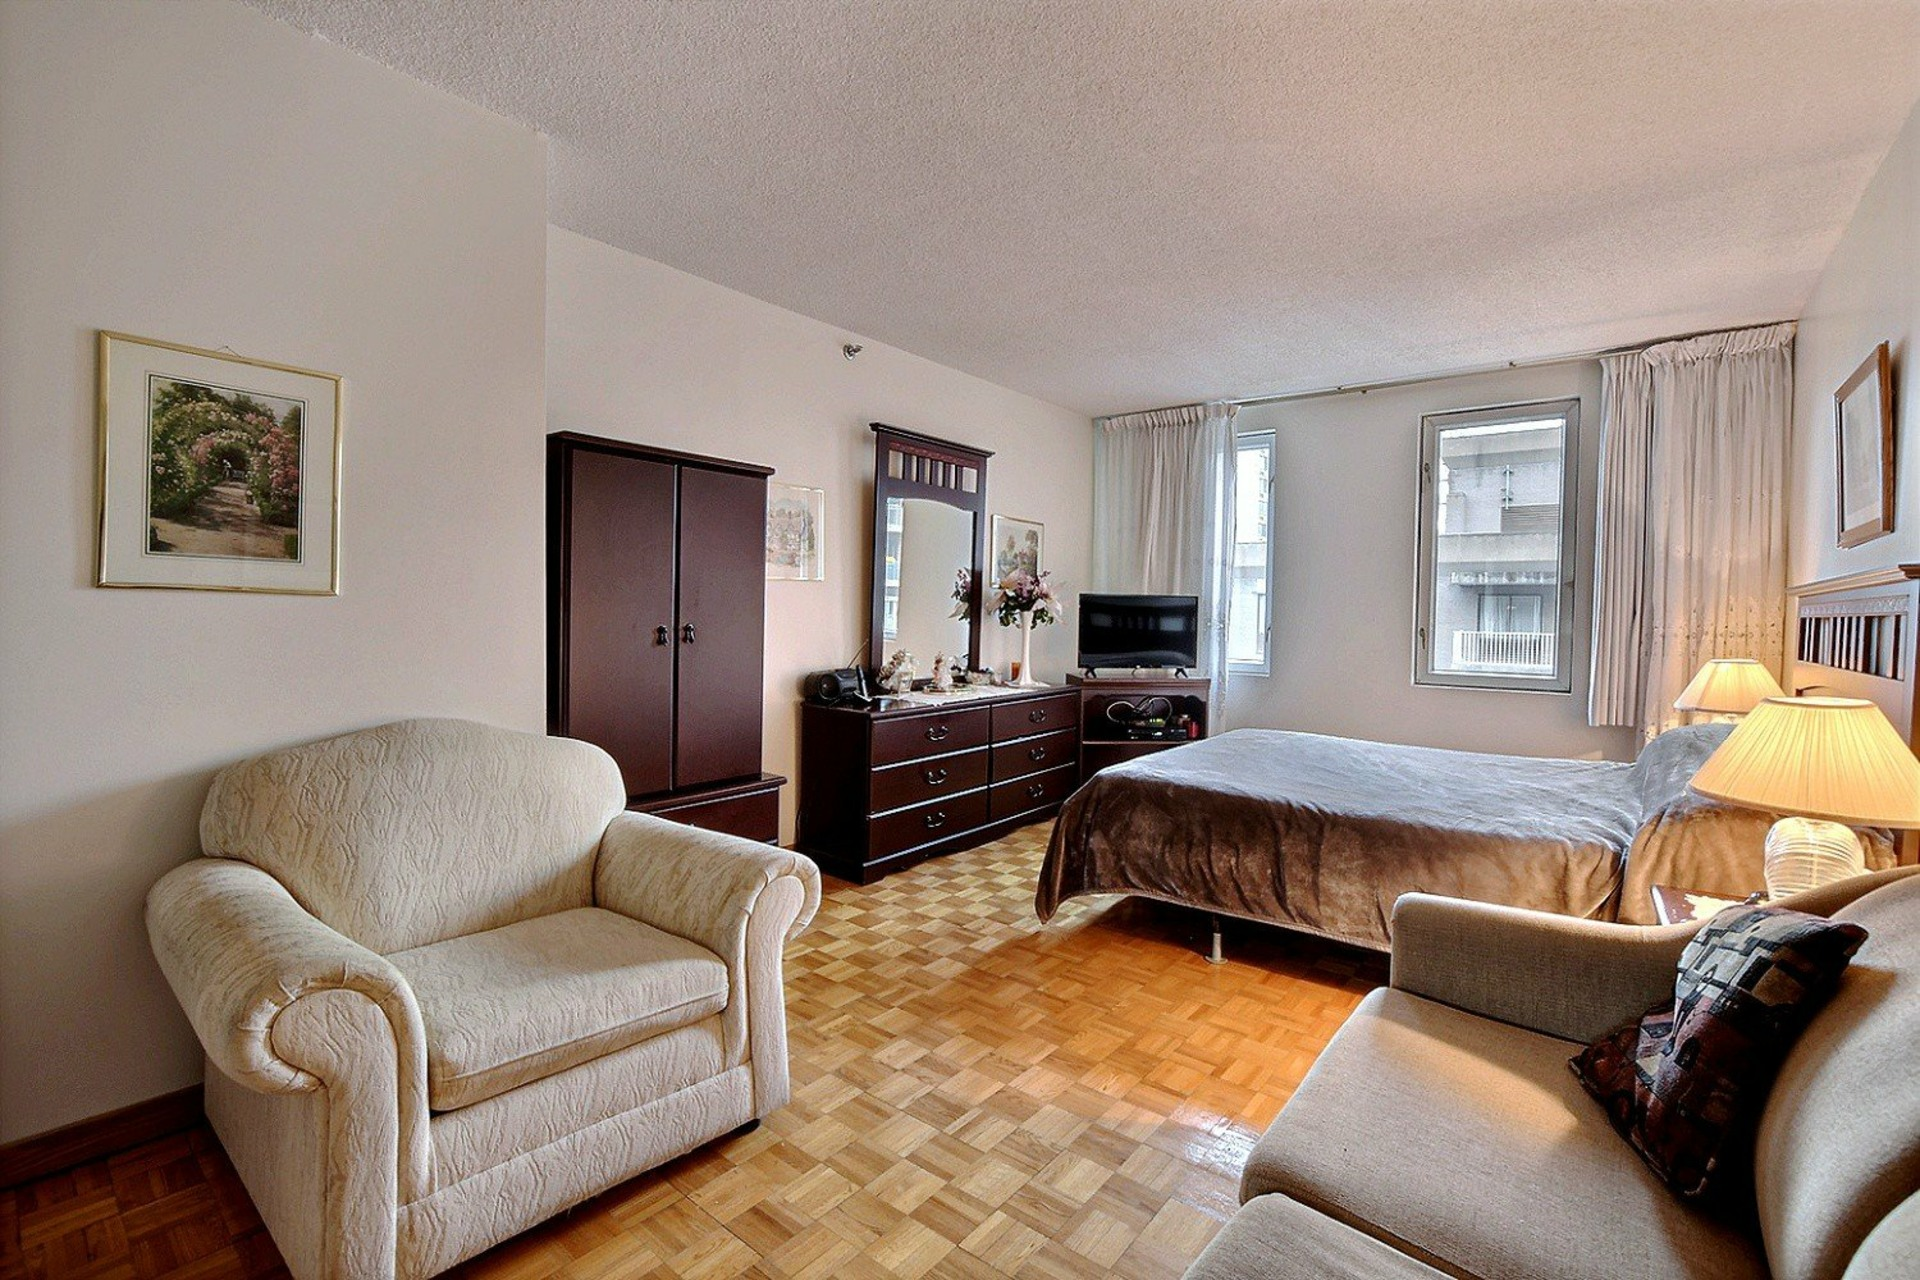 image 13 - Appartement À vendre Montréal Ville-Marie  - 3 pièces